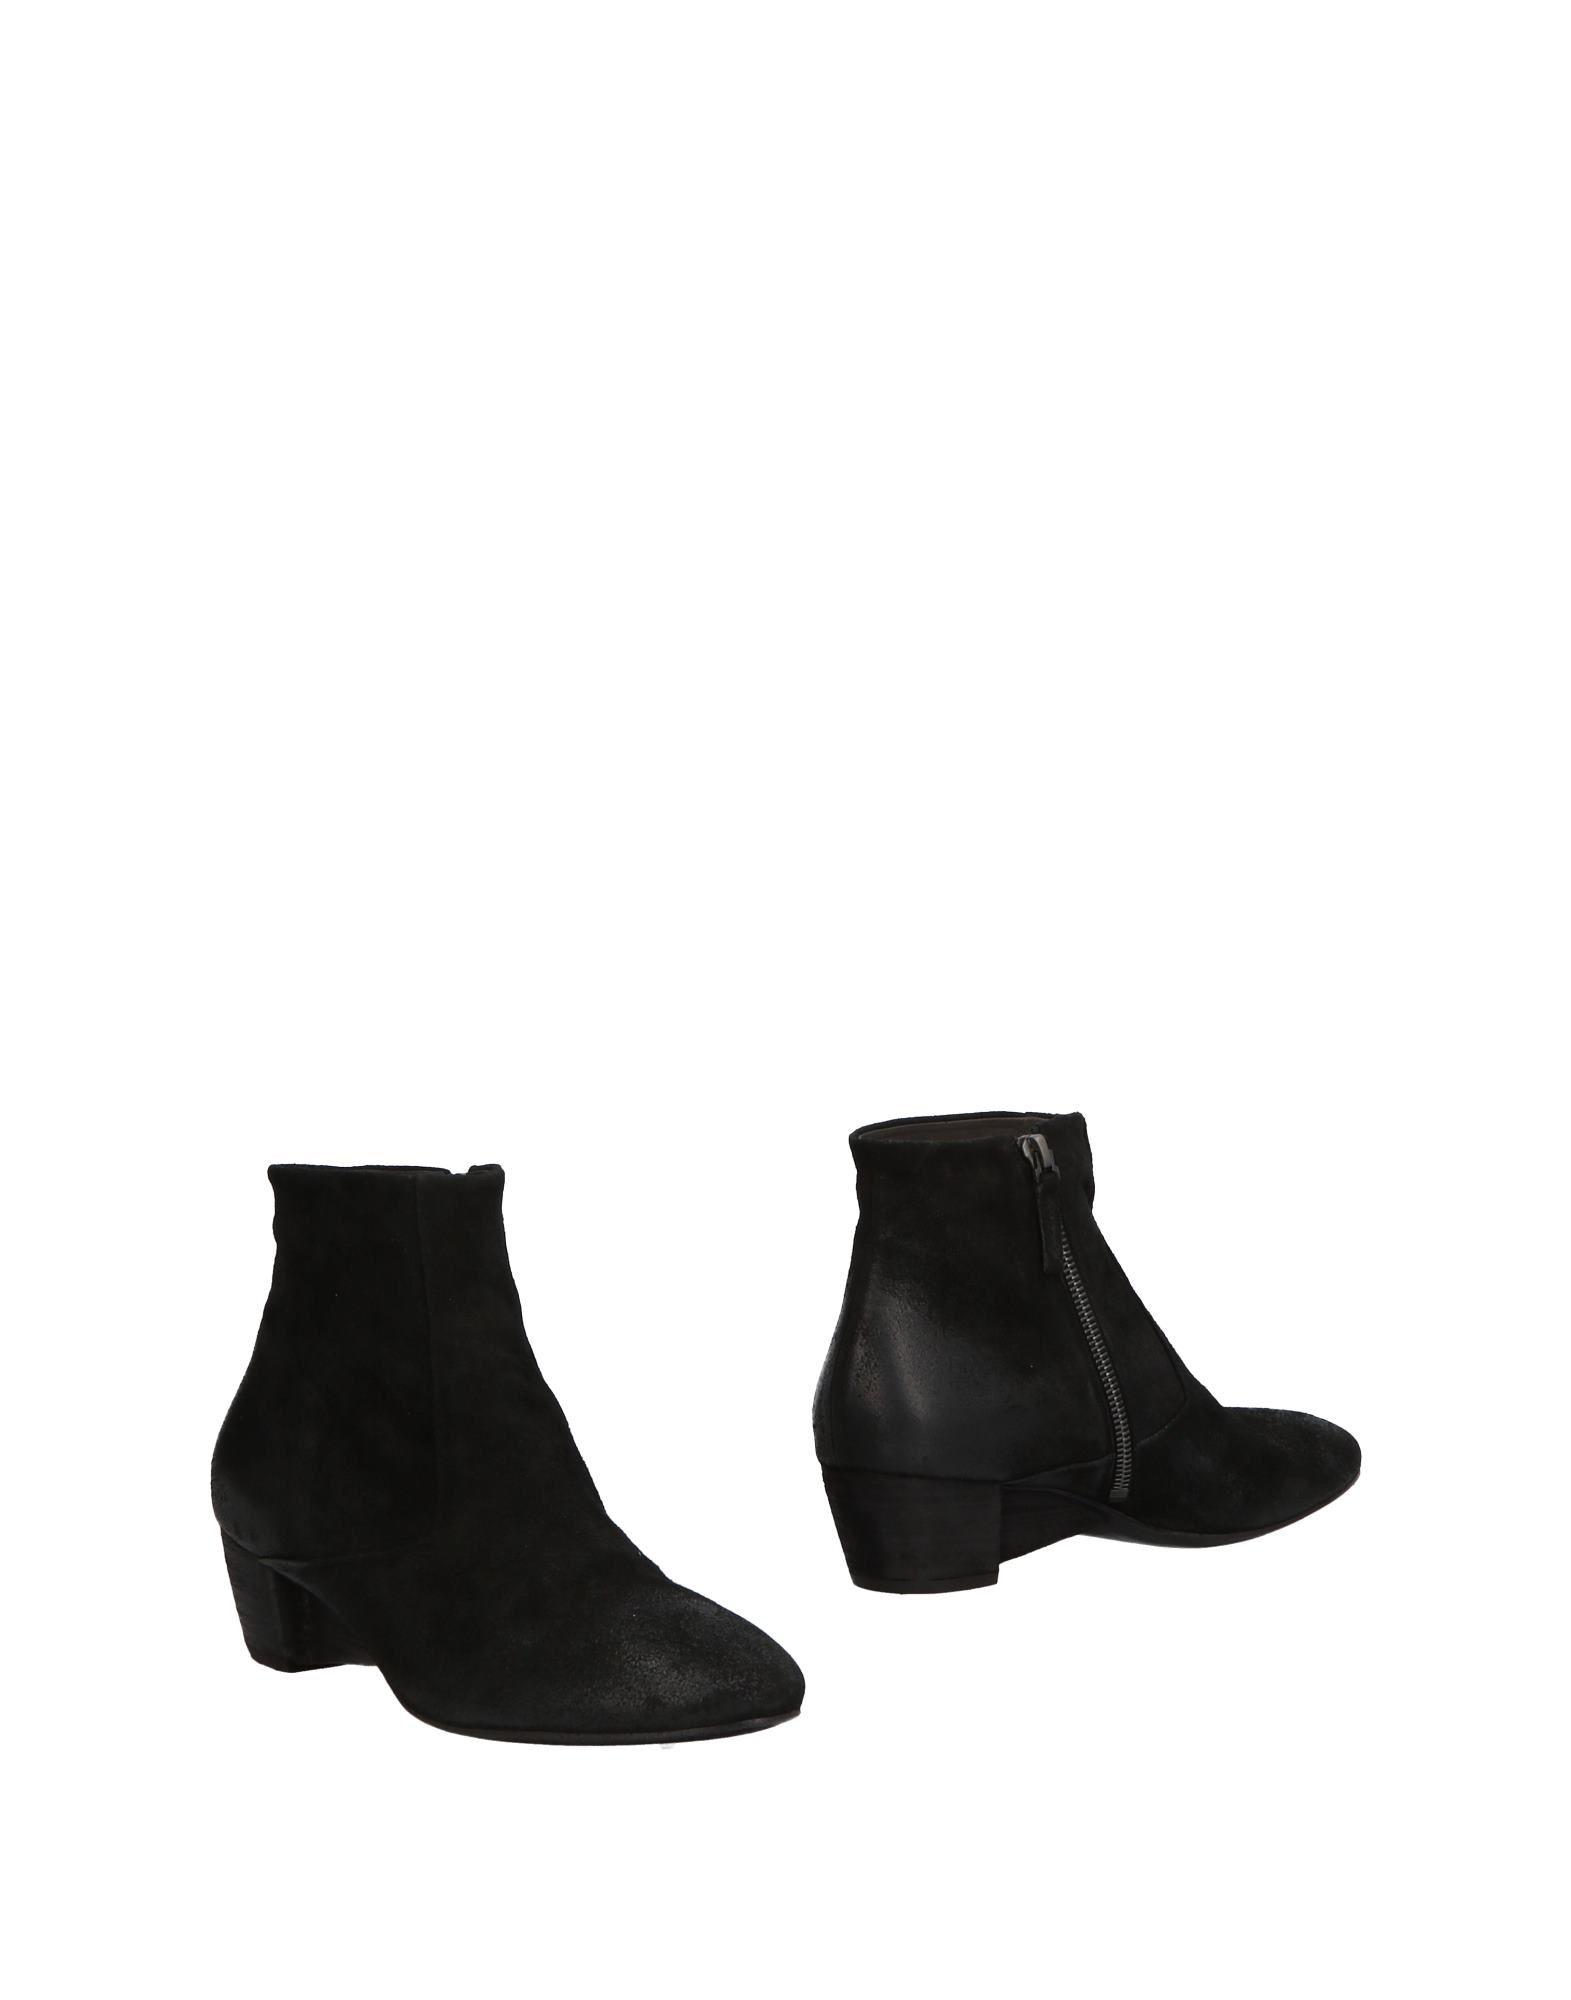 Marsèll Stiefelette aussehende Damen  11505085VUGünstige gut aussehende Stiefelette Schuhe 264565